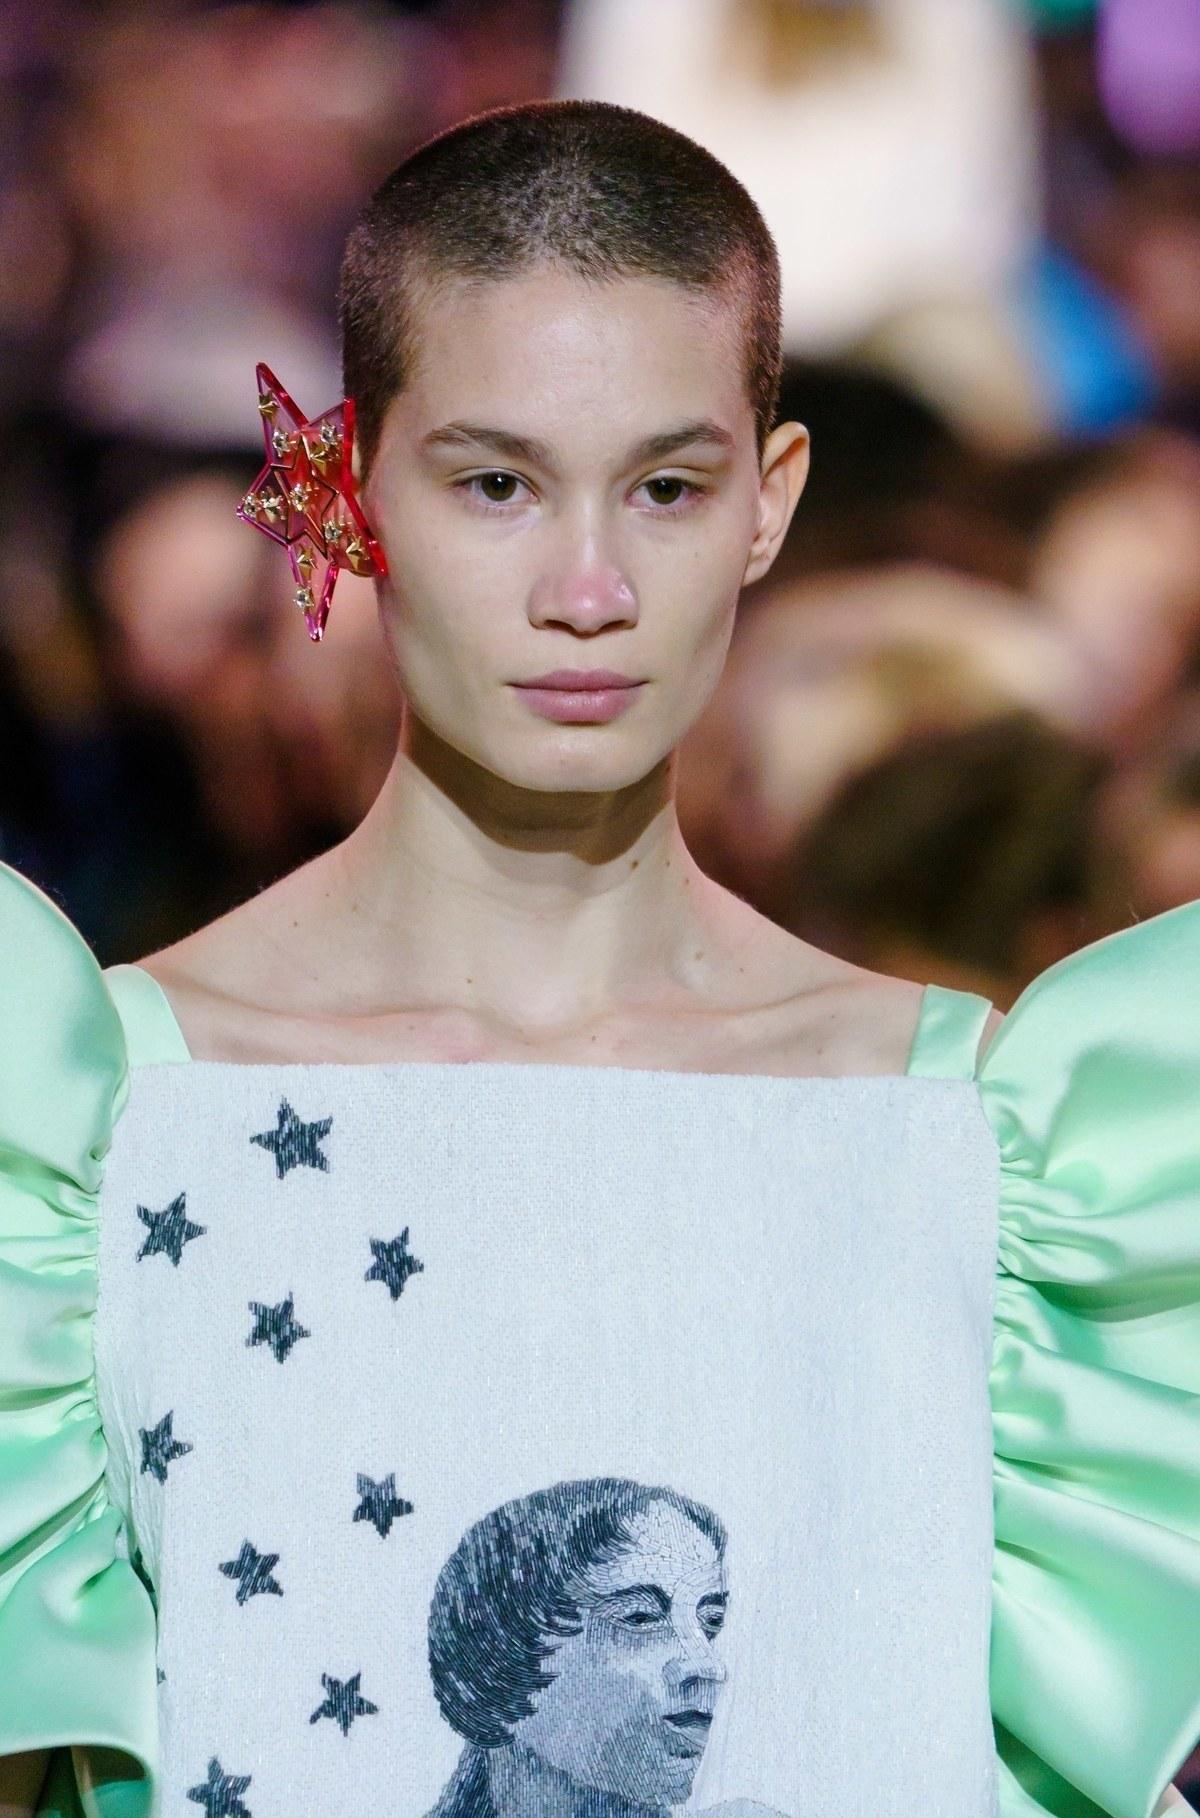 joias da semana de moda schiaparelli